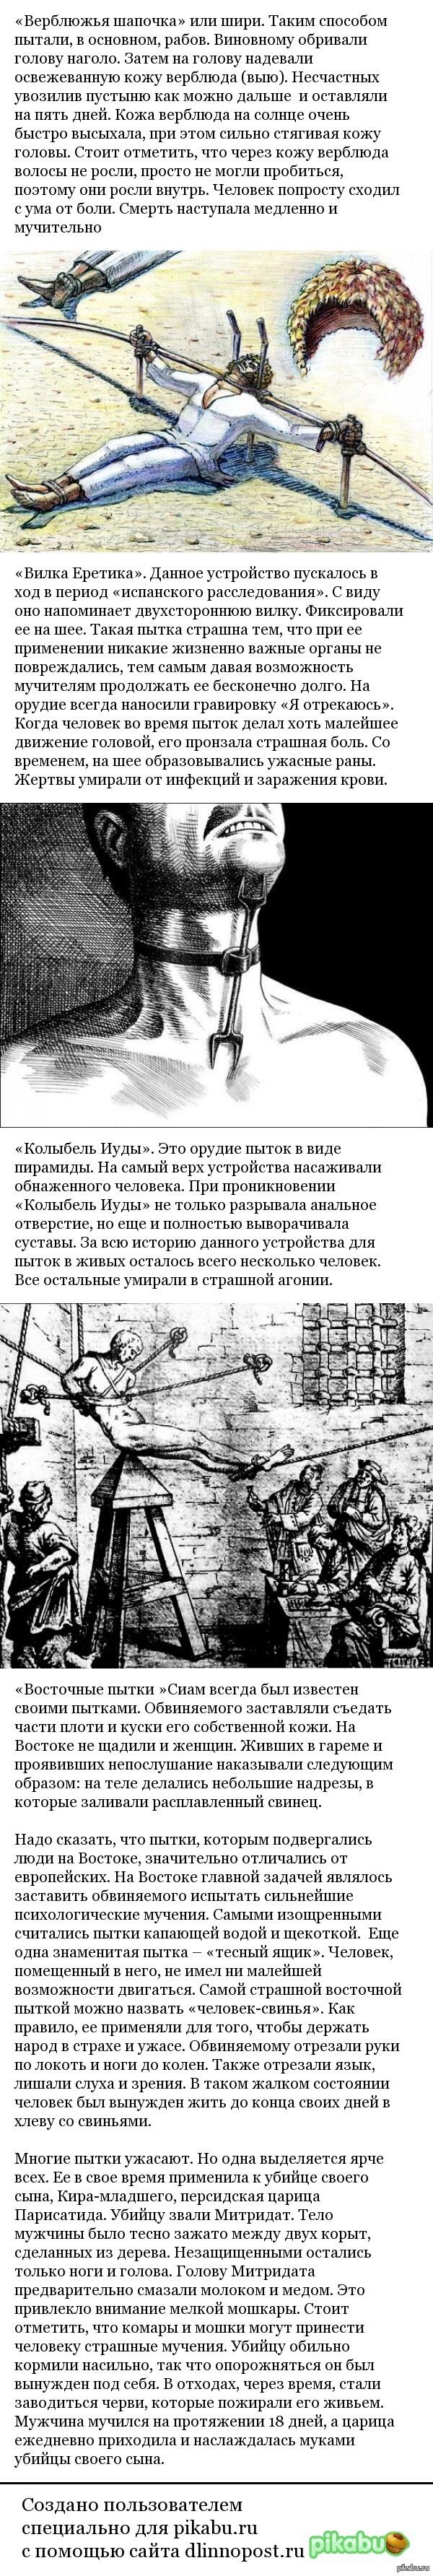 Как рвали жопу при пытках